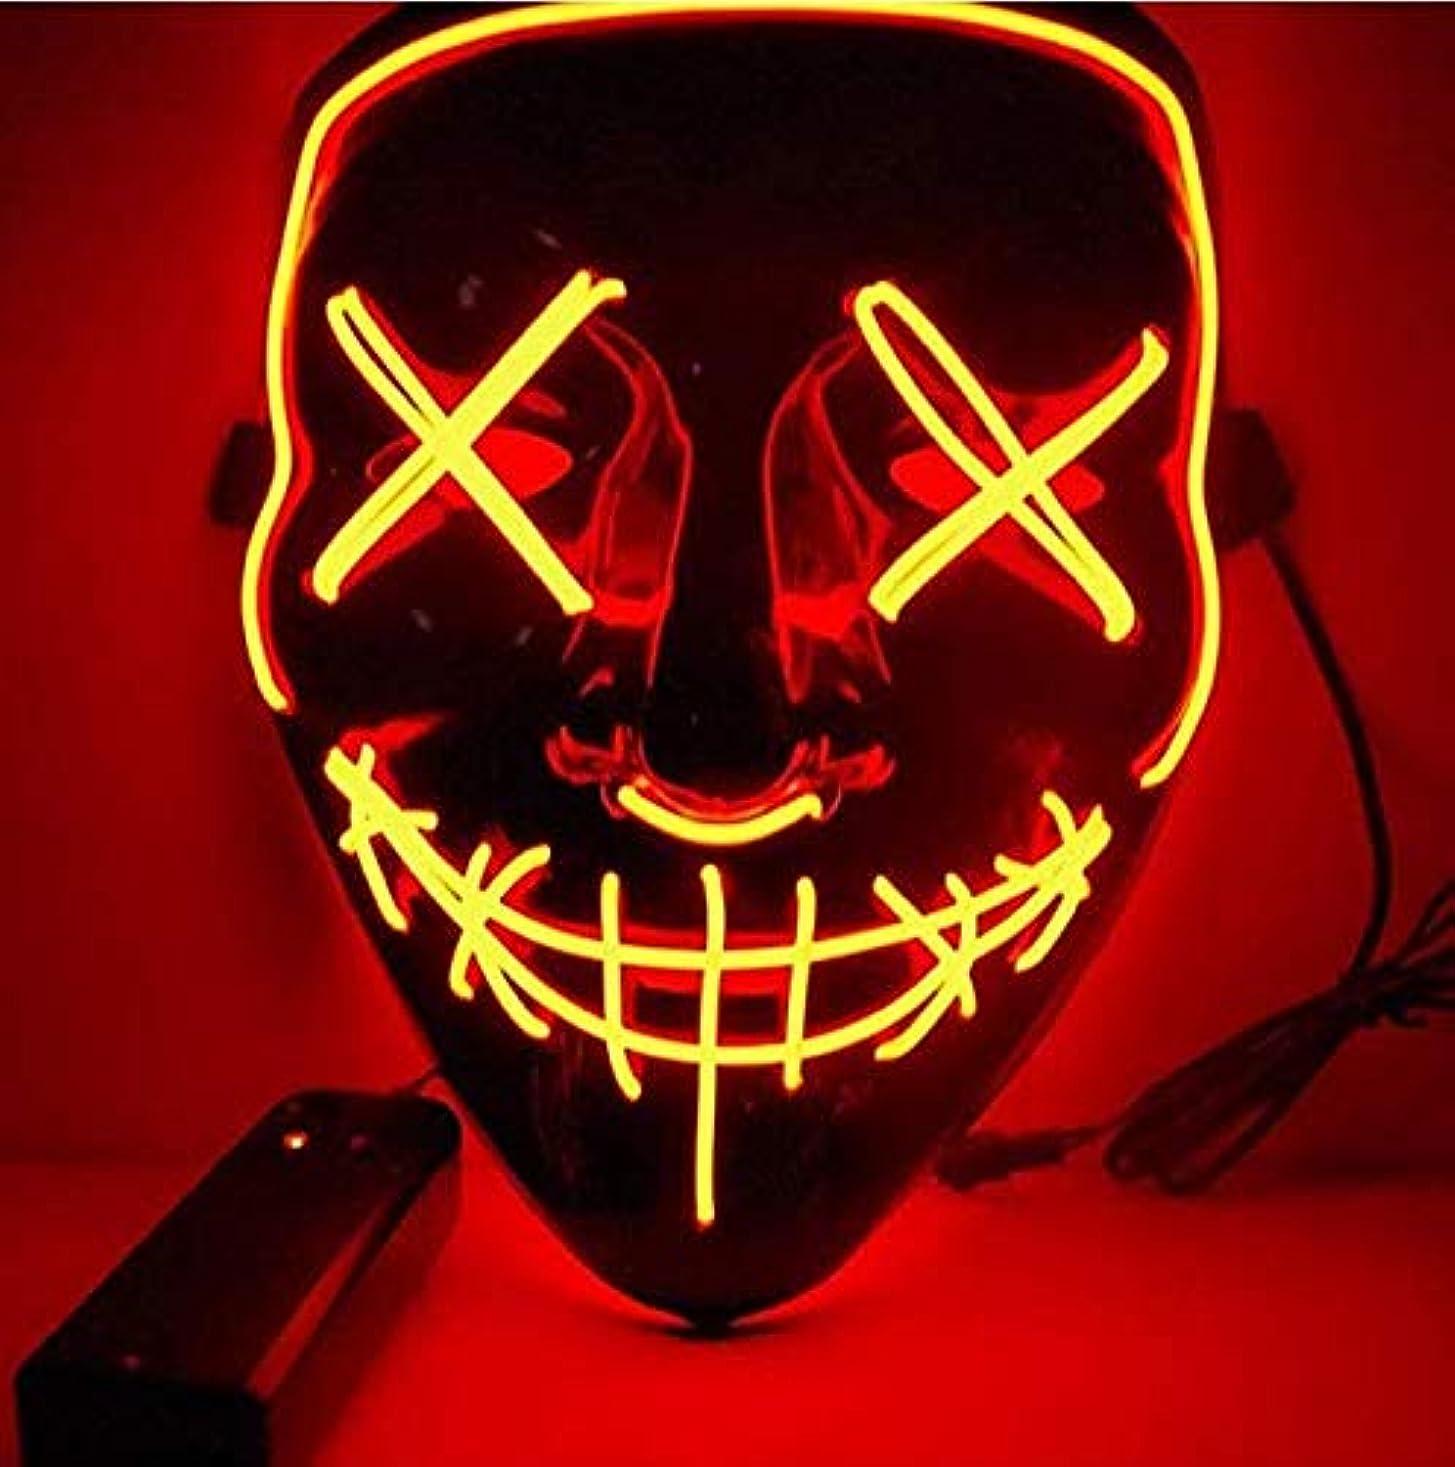 クリップ格差動揺させるハロウィンマスクLEDライトアップパーティーマスクコスプレコスチュームサプライ暗闇で光る (Color : GREEN)